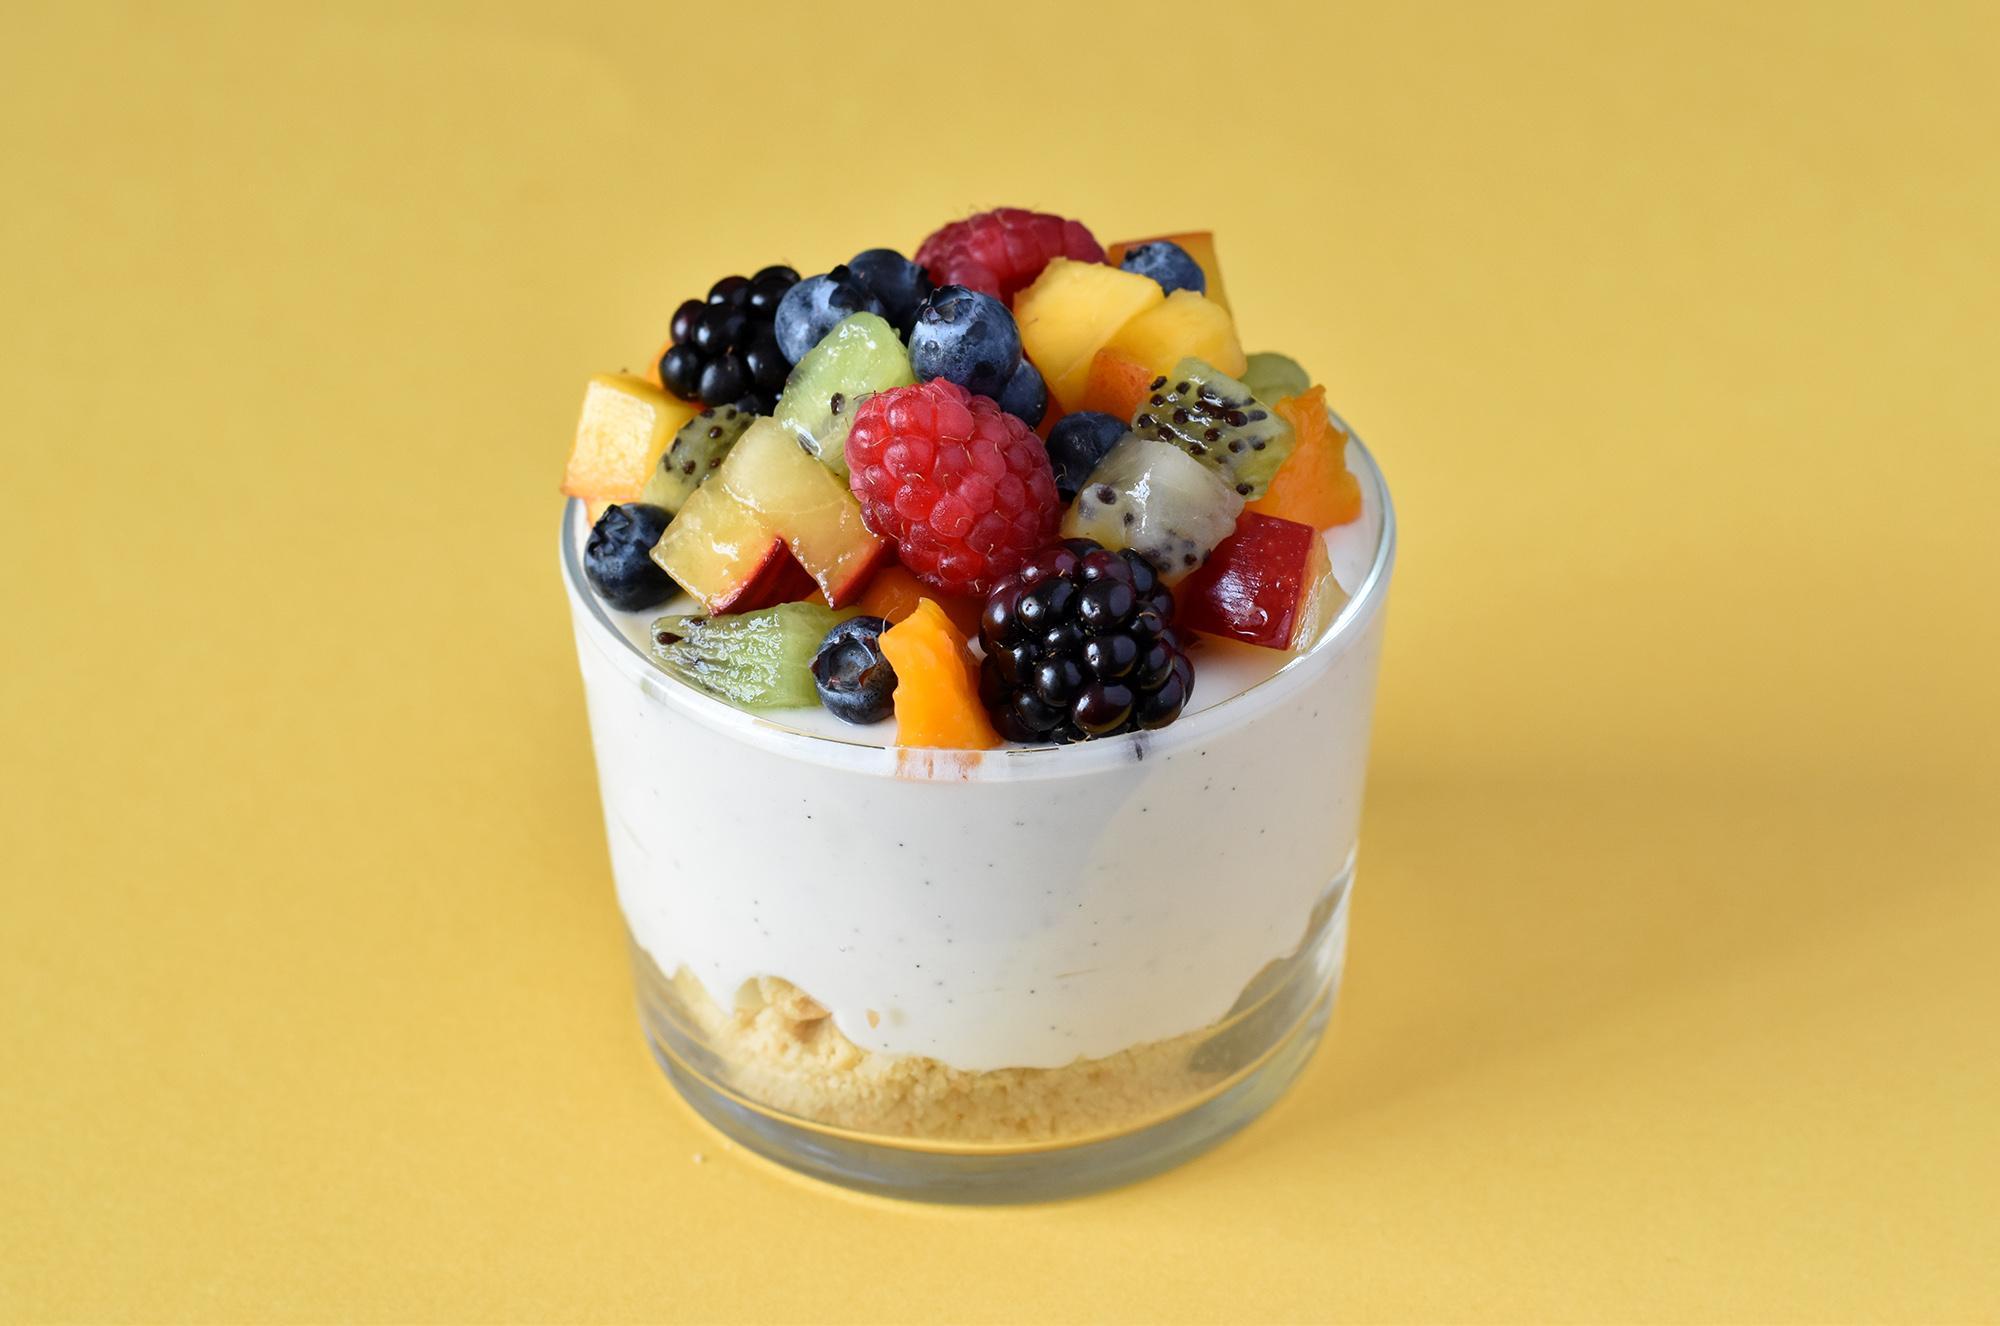 מוס יוגורט ושוקולד לבן עם פירות קיץ